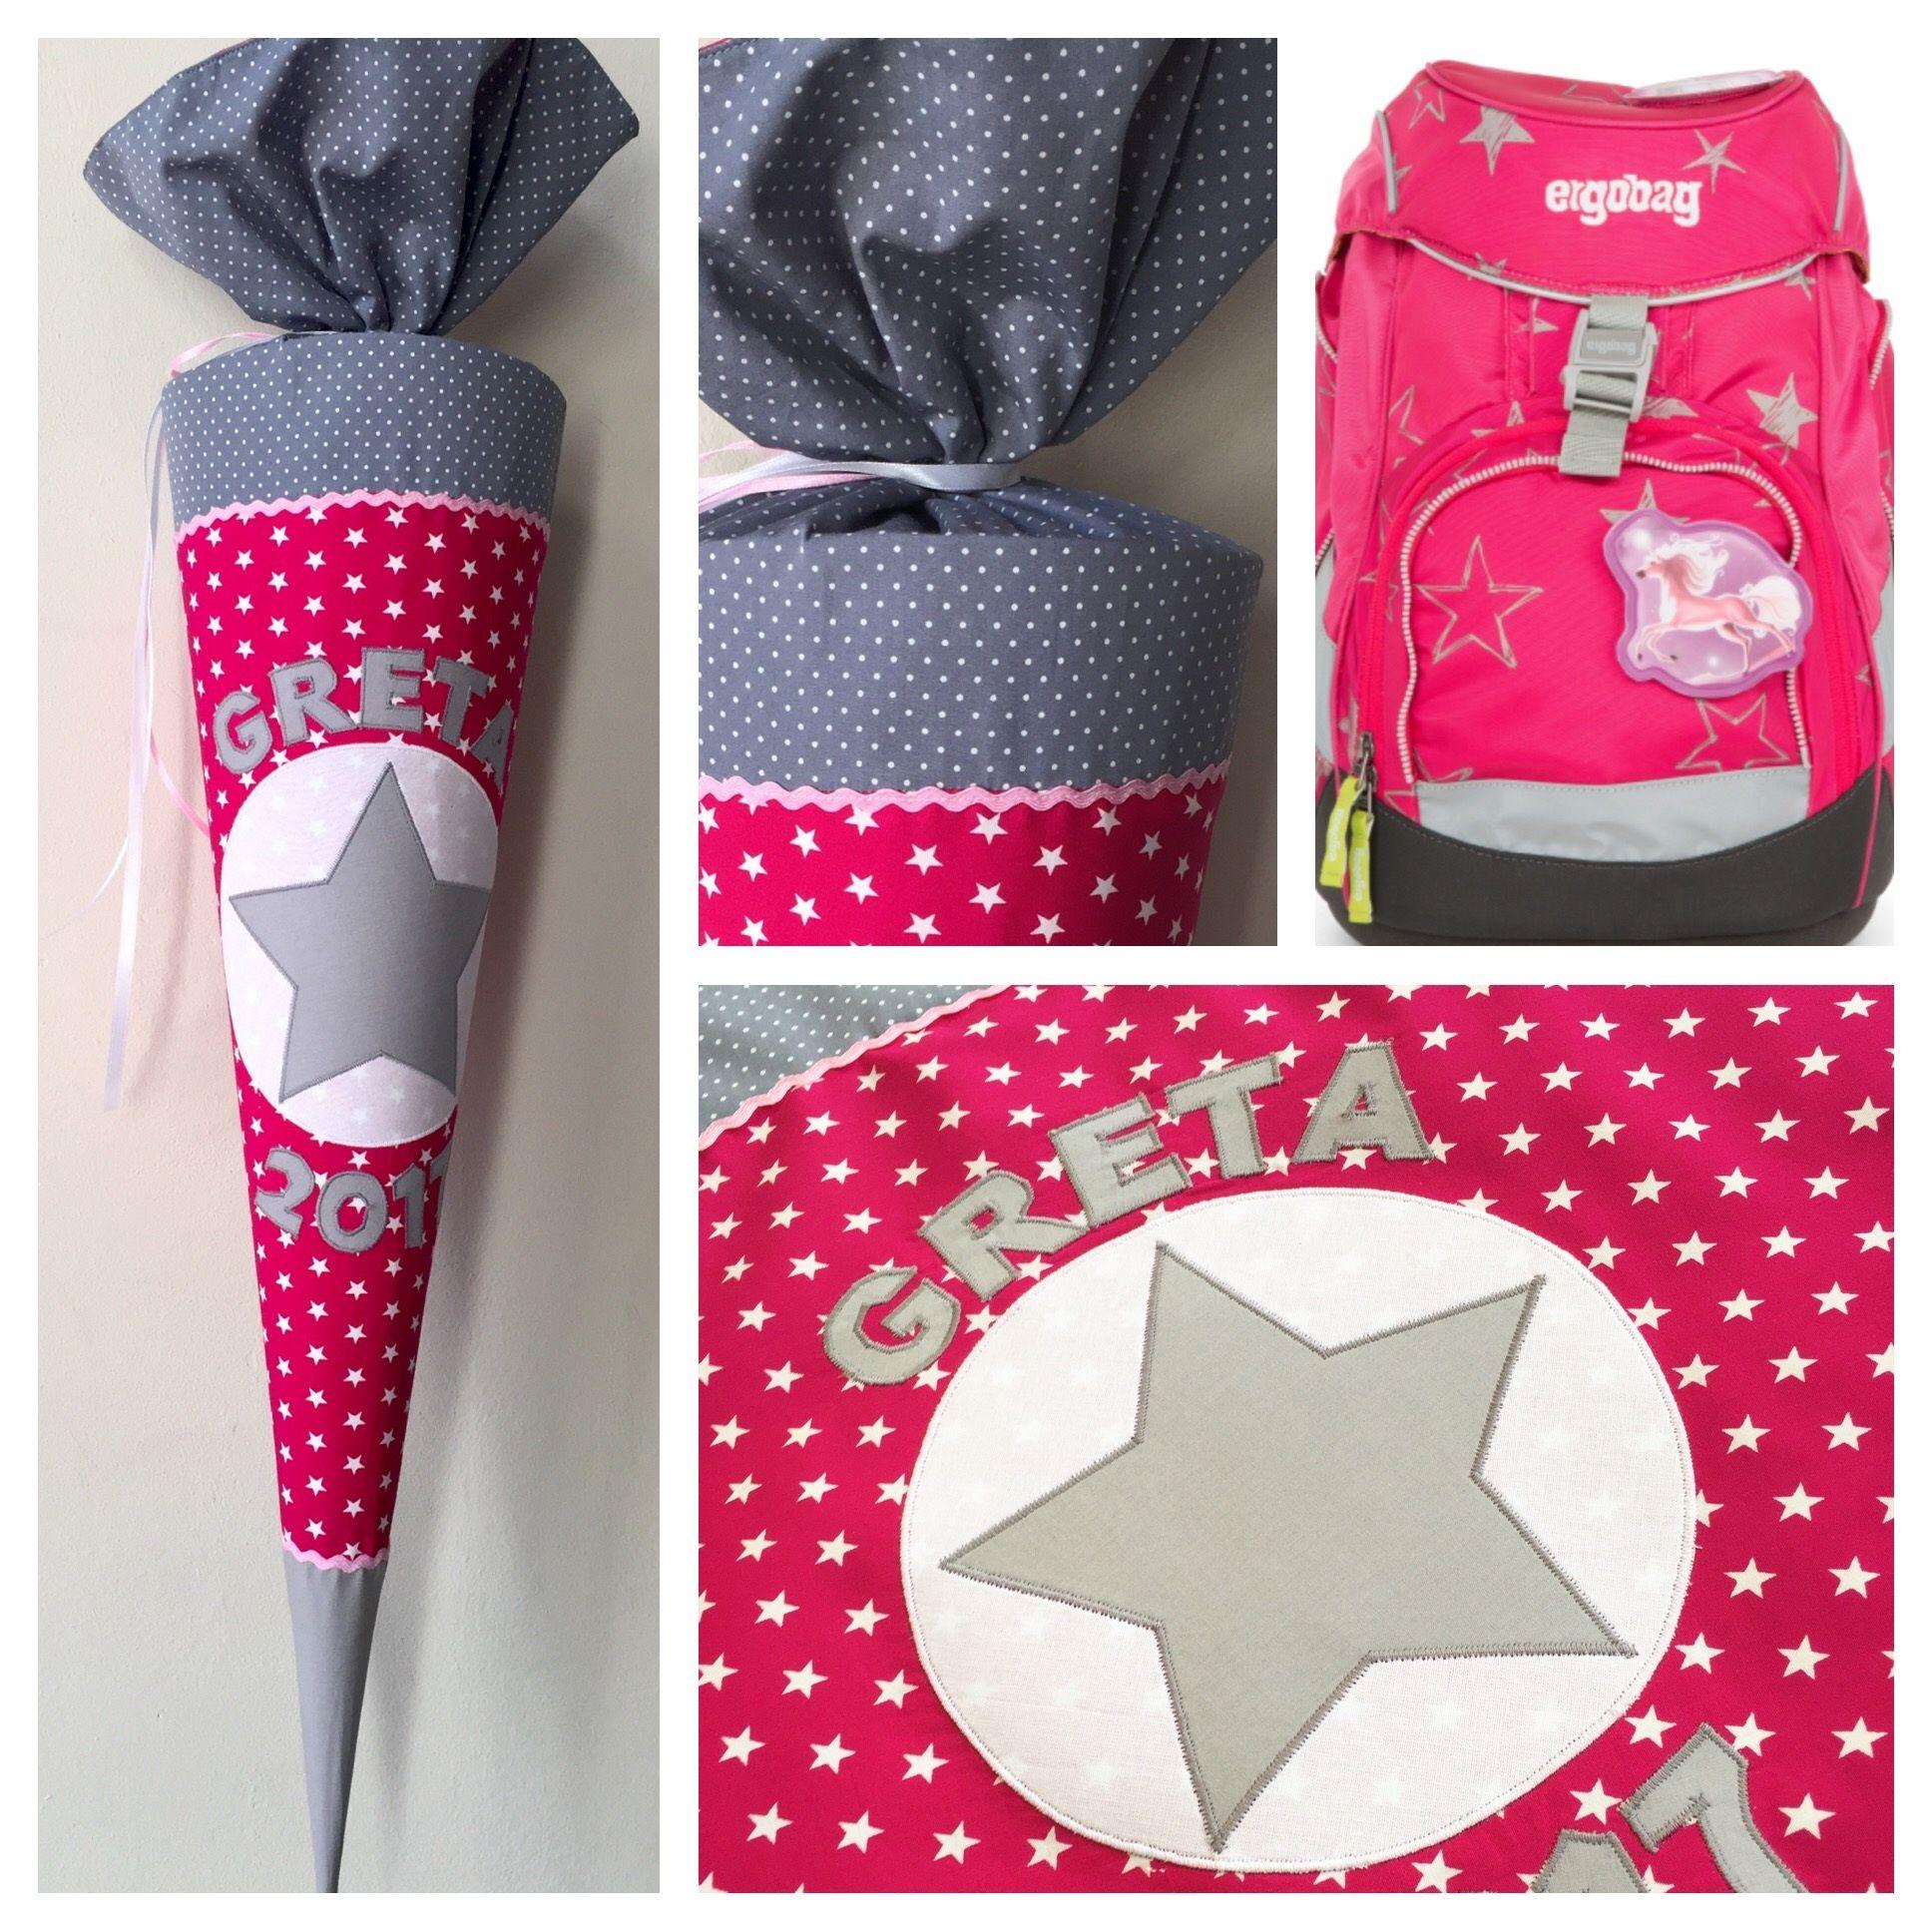 Schultüte Aus Stoff Sterne, Pink Und Grau